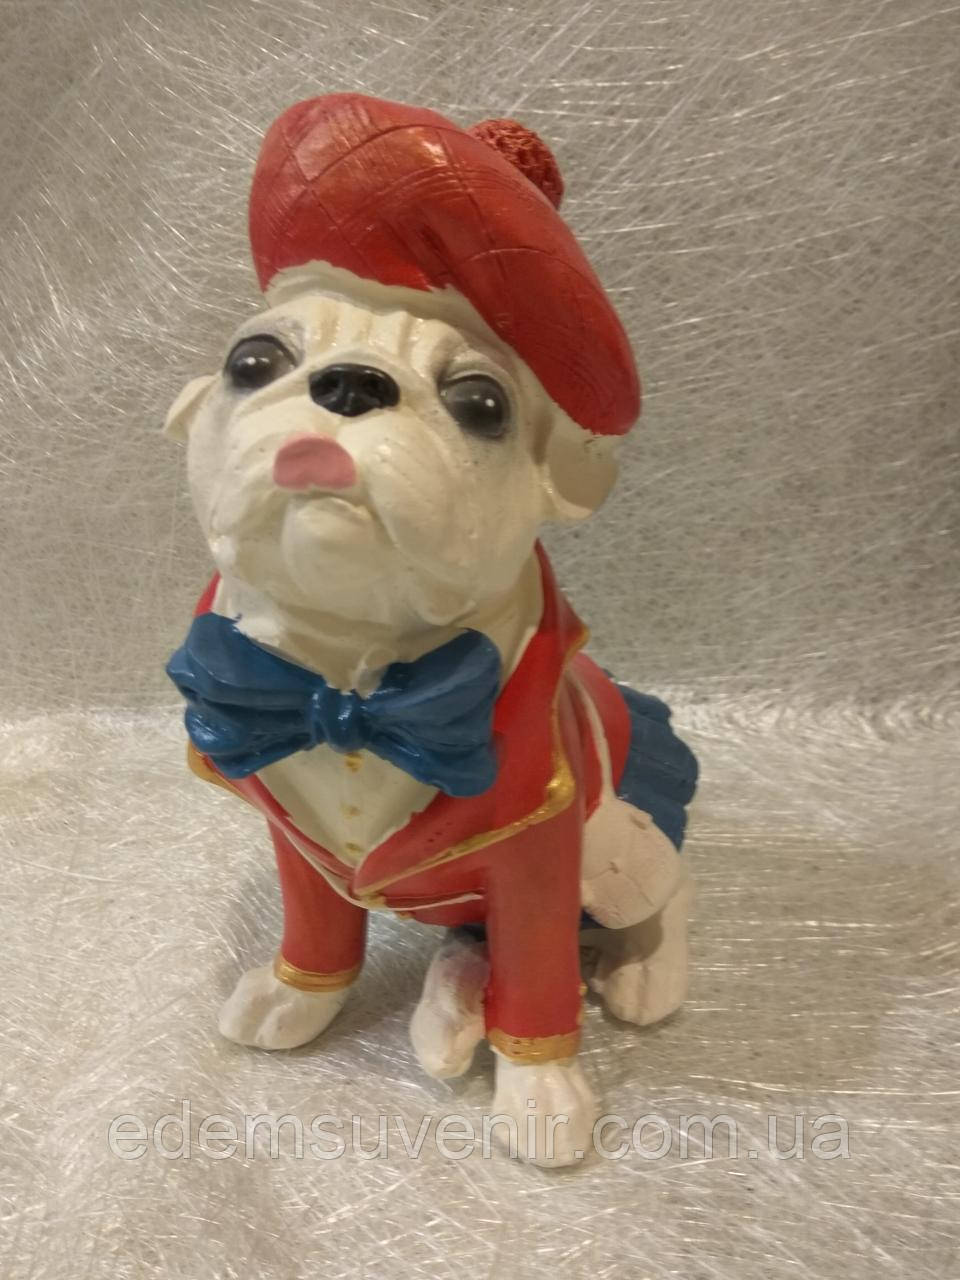 Статуэтка собака Мопс в красной шляпе